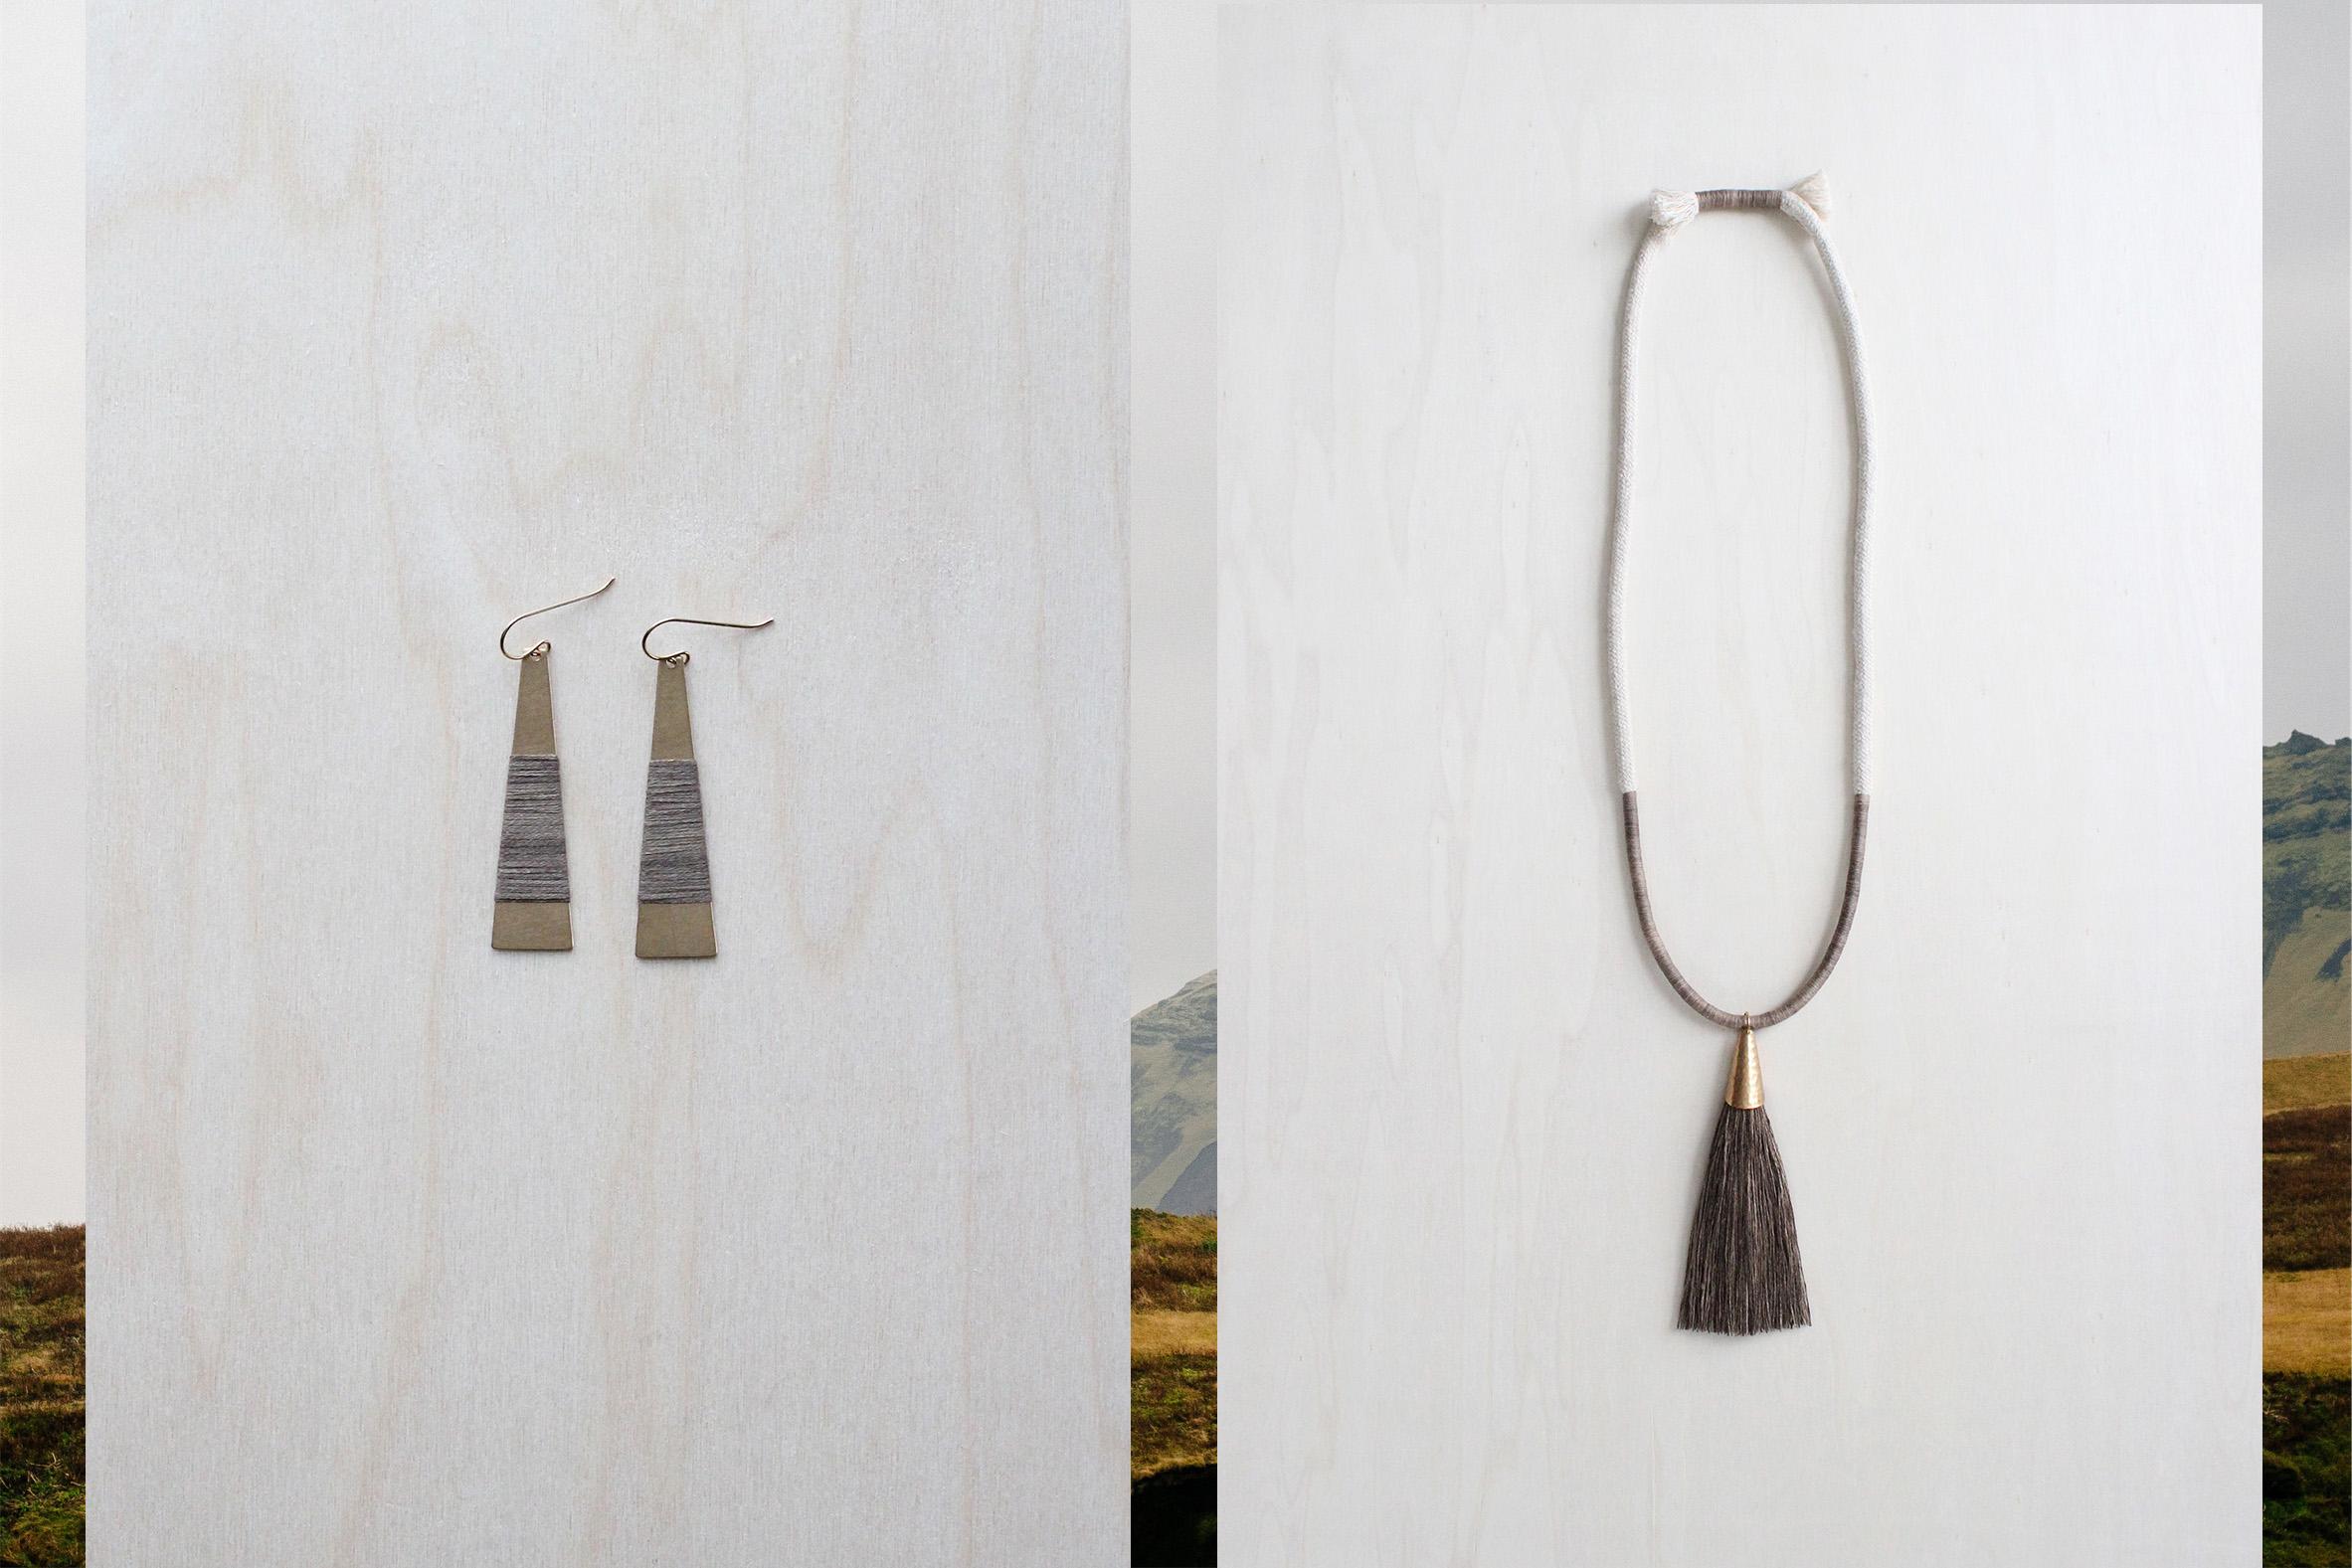 FORESTIERE wrapped earrings and demeter necklace in mossy oak.jpg